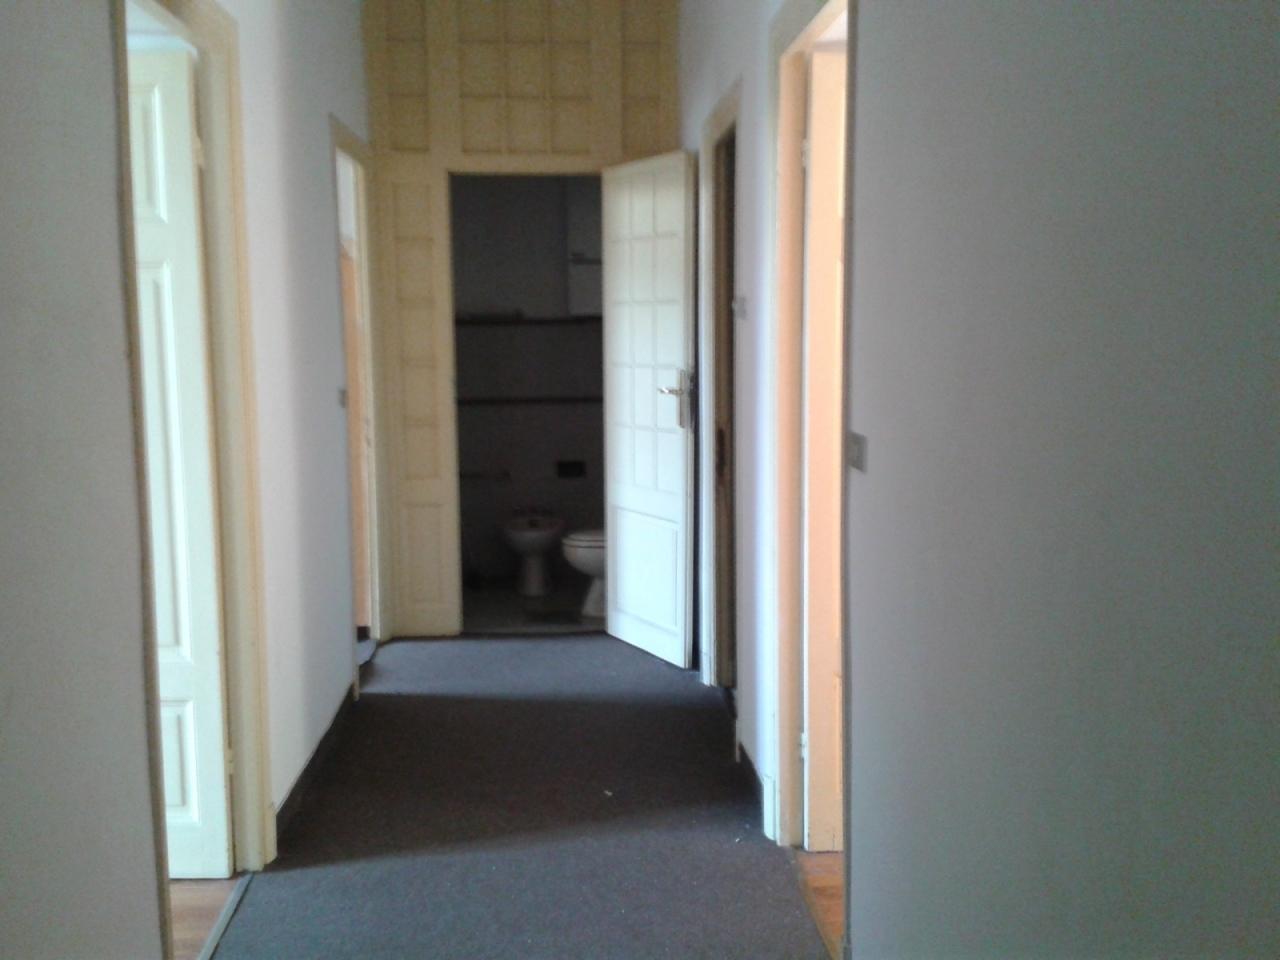 Ufficio / Studio in affitto a SanRemo, 7 locali, prezzo € 1.800 | PortaleAgenzieImmobiliari.it